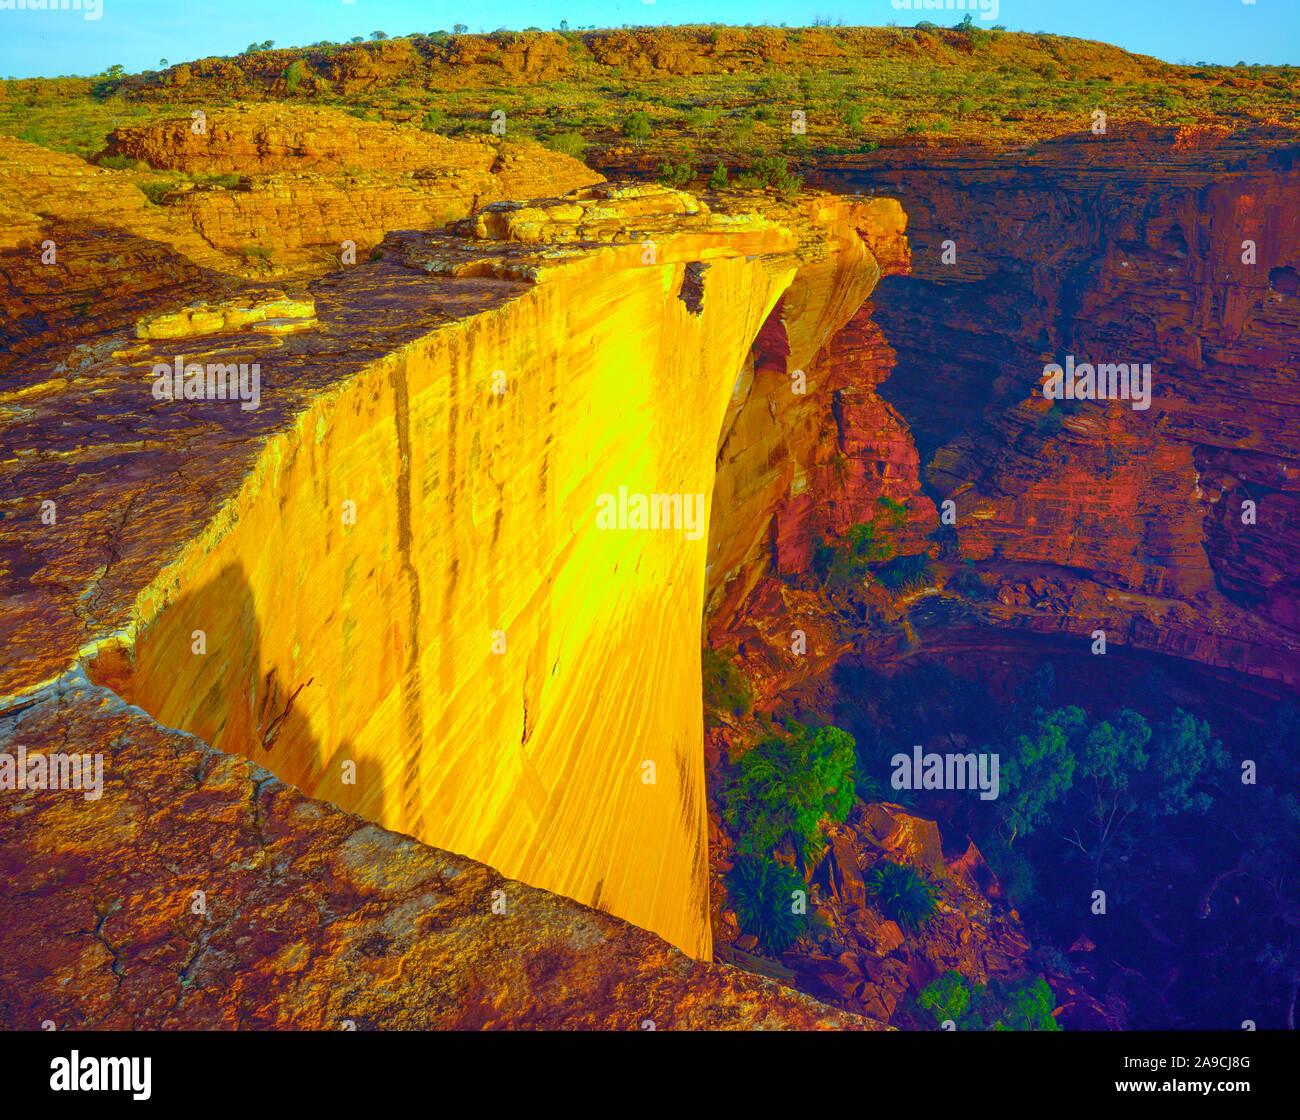 Cerchio di King Canyon, Watarrka National Park, Australia, australiano della Red Centre Way Foto Stock